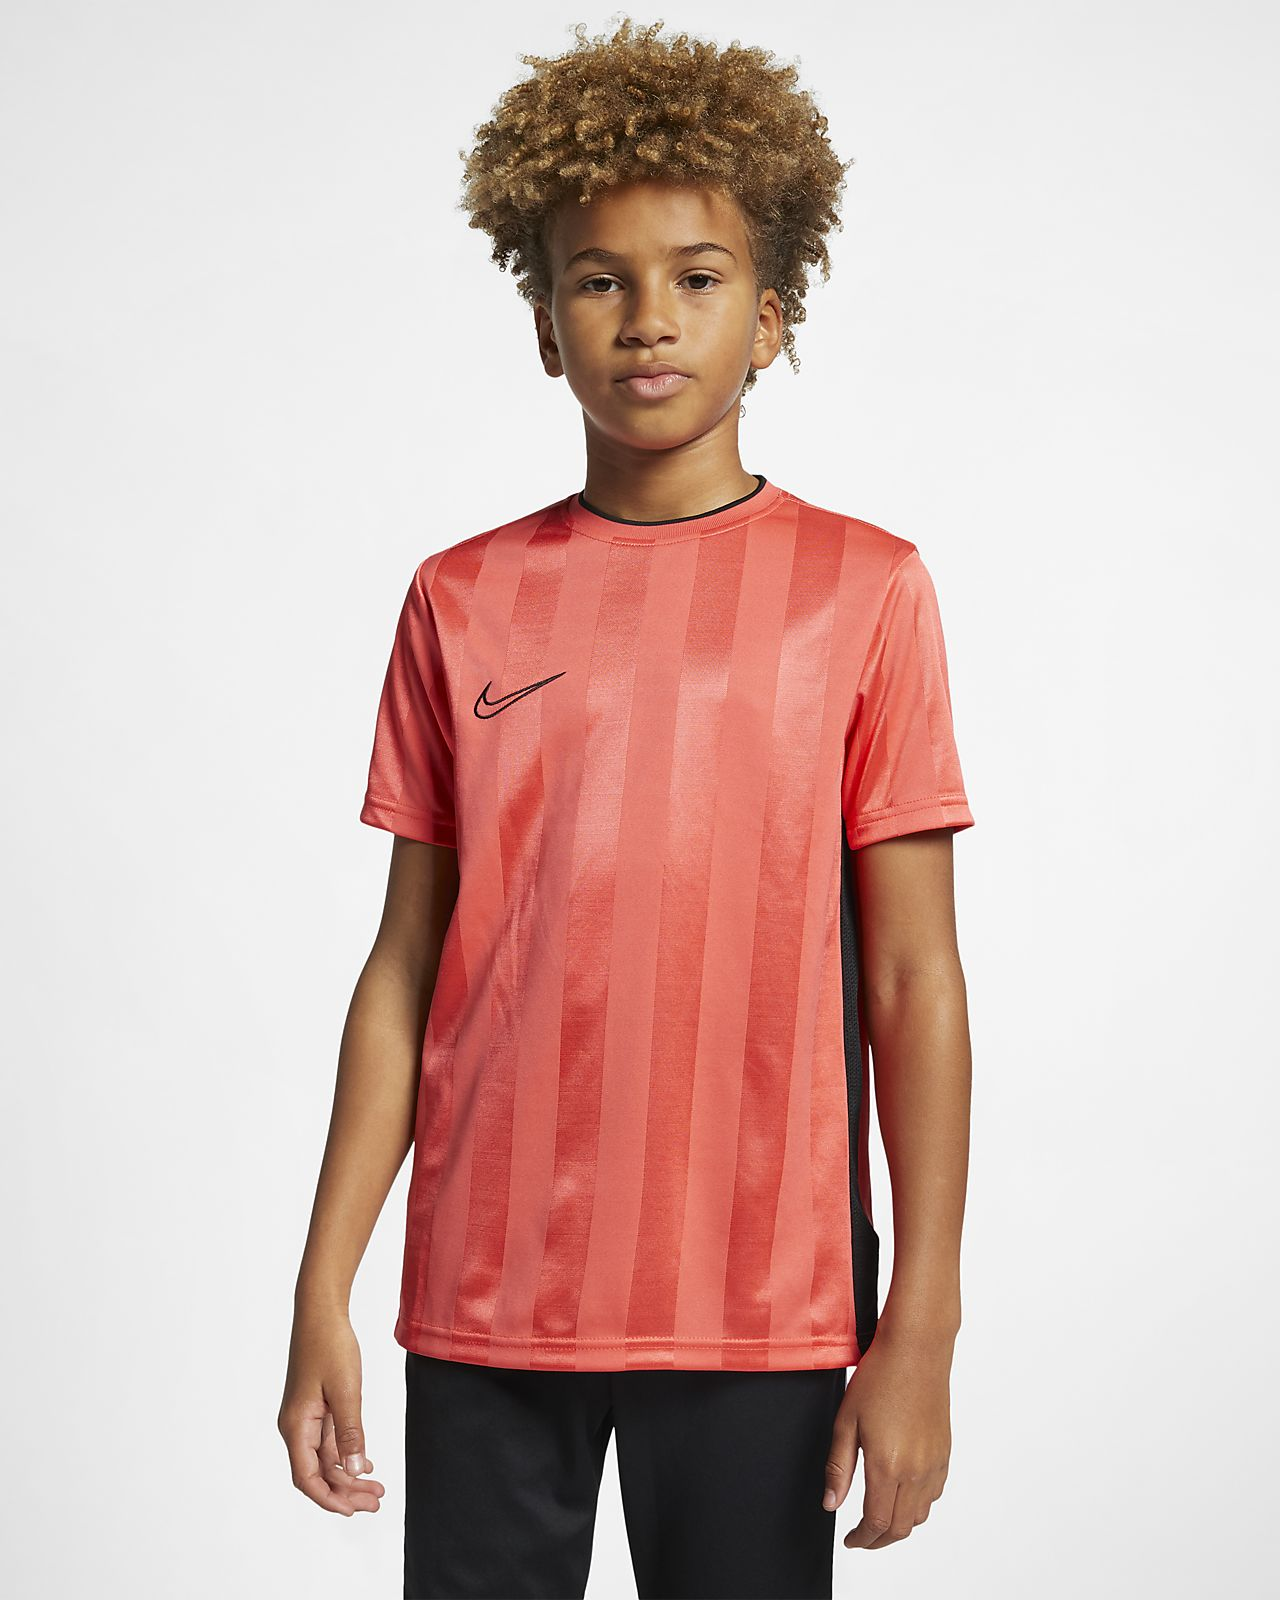 Κοντομάνικη ποδοσφαιρική μπλούζα Nike Breathe Academy για μεγάλα παιδιά